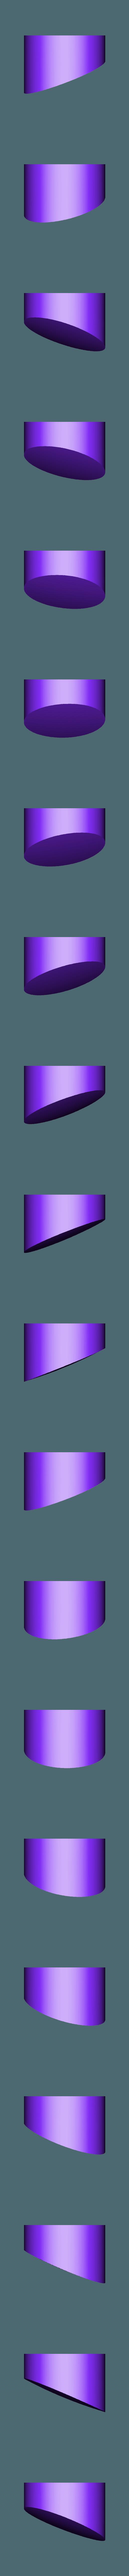 pupil left black.stl Télécharger fichier STL gratuit Chococat (チョコキャット, Chokokyatto) • Objet à imprimer en 3D, Jangie